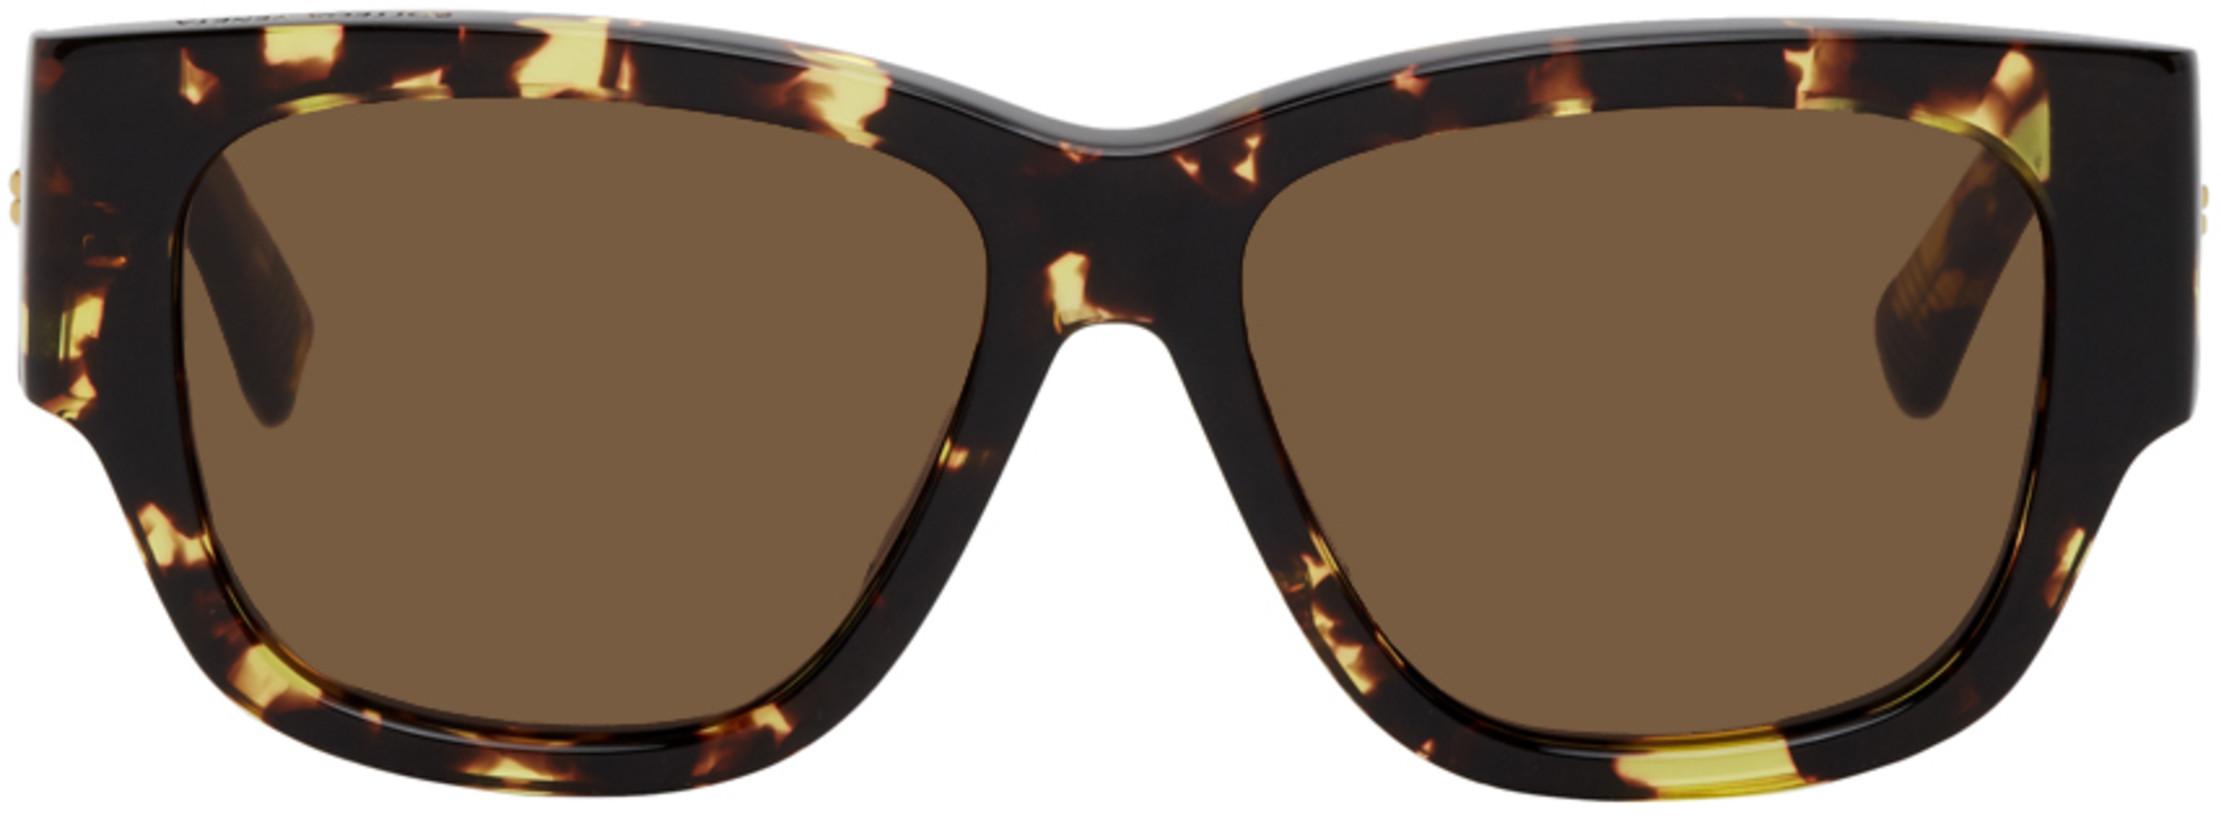 Bottega Veneta Tortoiseshell Original_05 Sunglasses